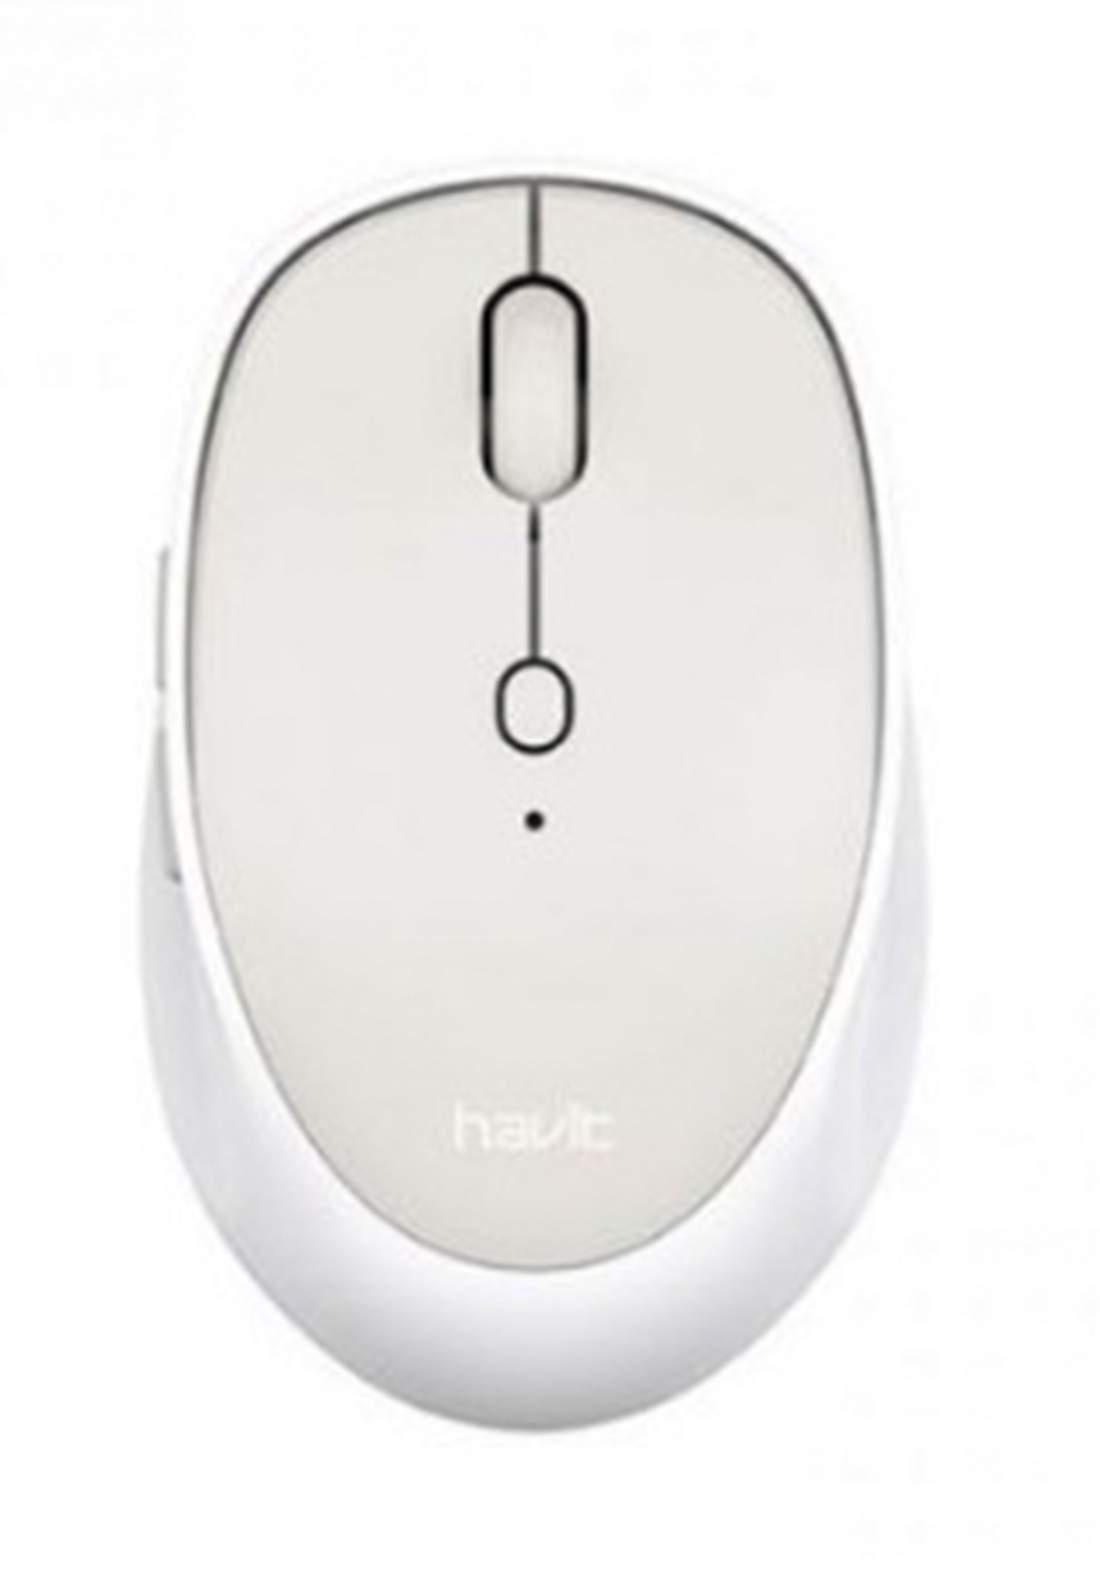 Havit MS76GT Wireless Mouse - White ماوس